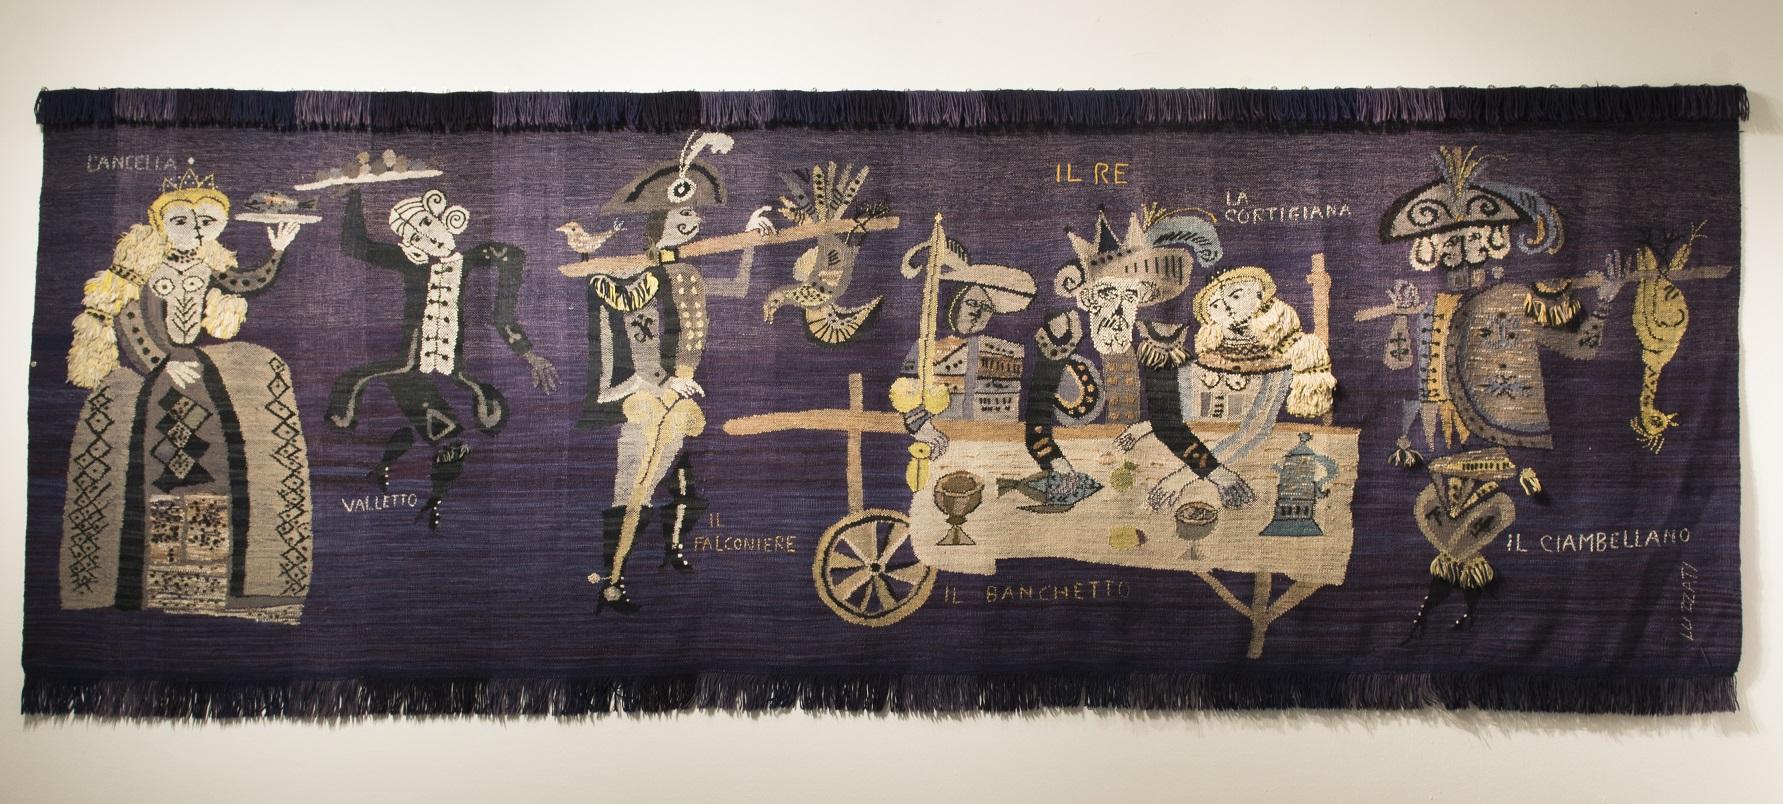 Emanuele Luzzati, Favola, 1954. ARTE E DESIGN NELLA PRODUZIONE DELLA MITA 1926 - 1976 è la prossima Mostra in programma al MURATS di Samugheo dal 30 aprile al 26 giugno 2017.